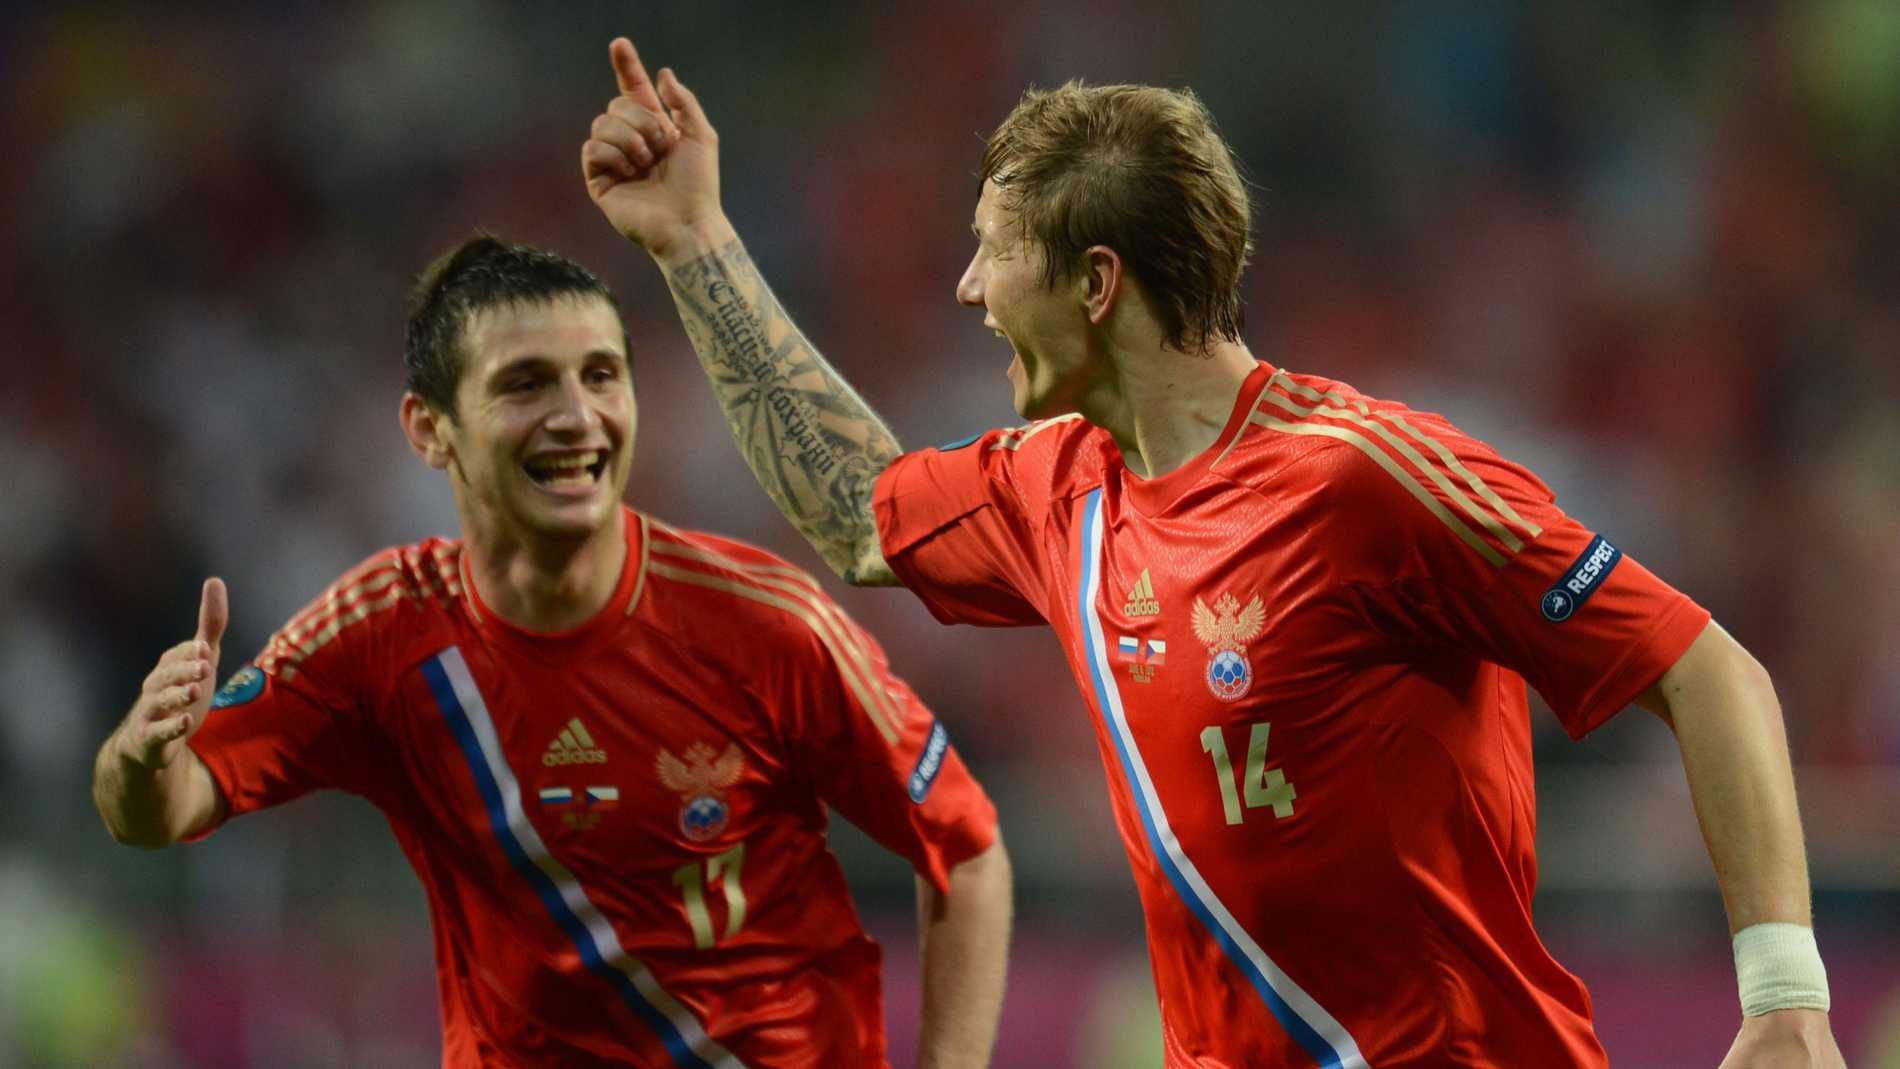 Alan Dzagojev, till vänster, Roman Pavljutjenko, till höger, firar ett mål för Ryssland.